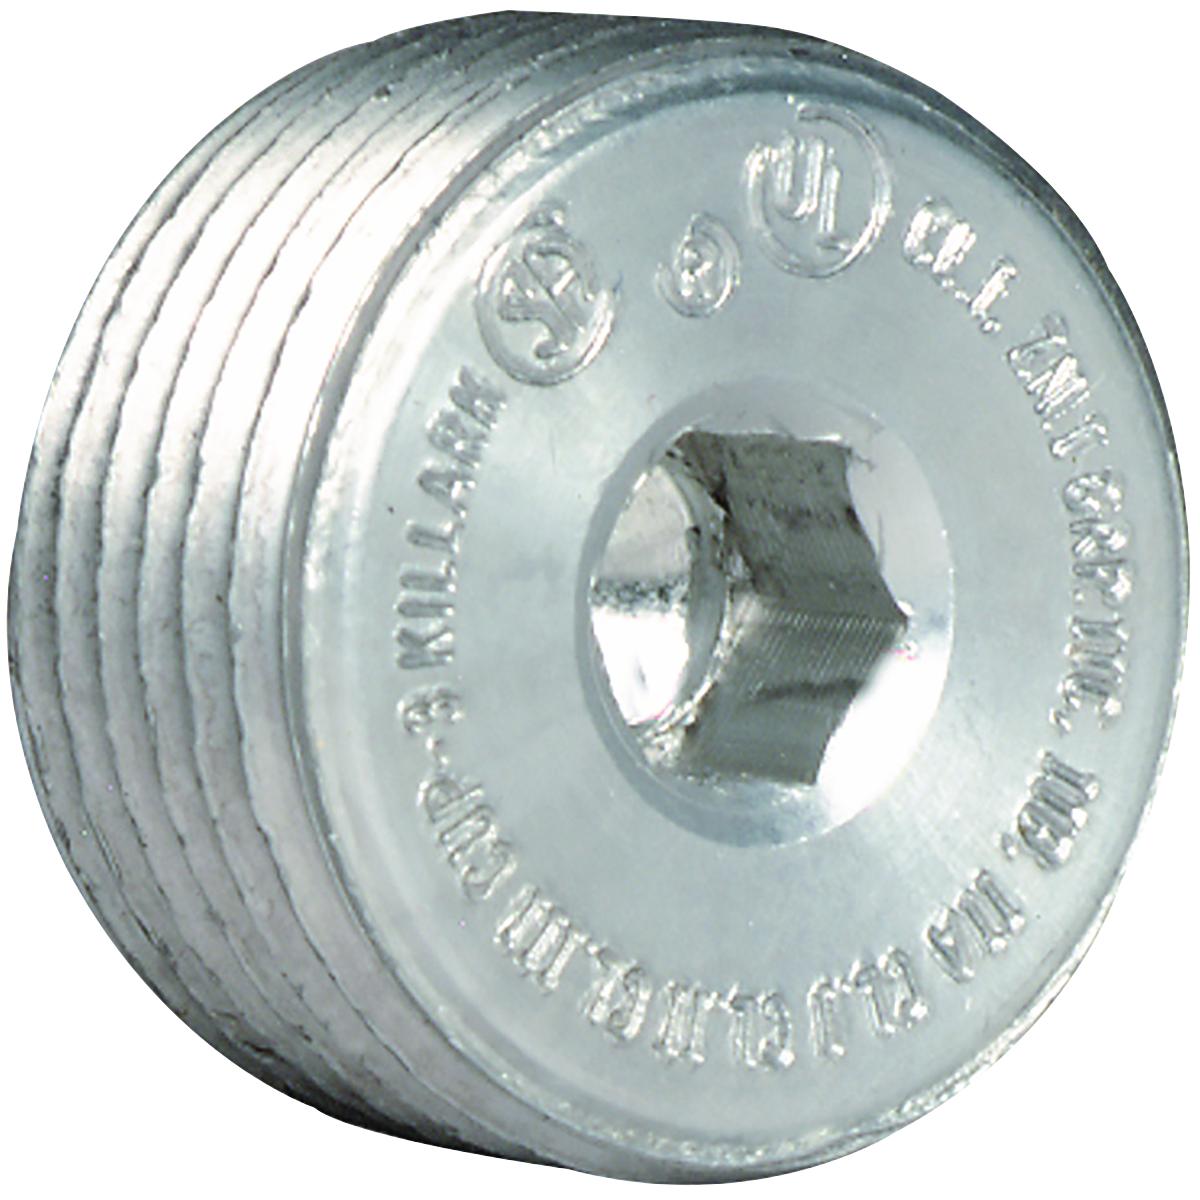 KIL CUP-6 2-IN RECESSED HEAD PLUG CS=20